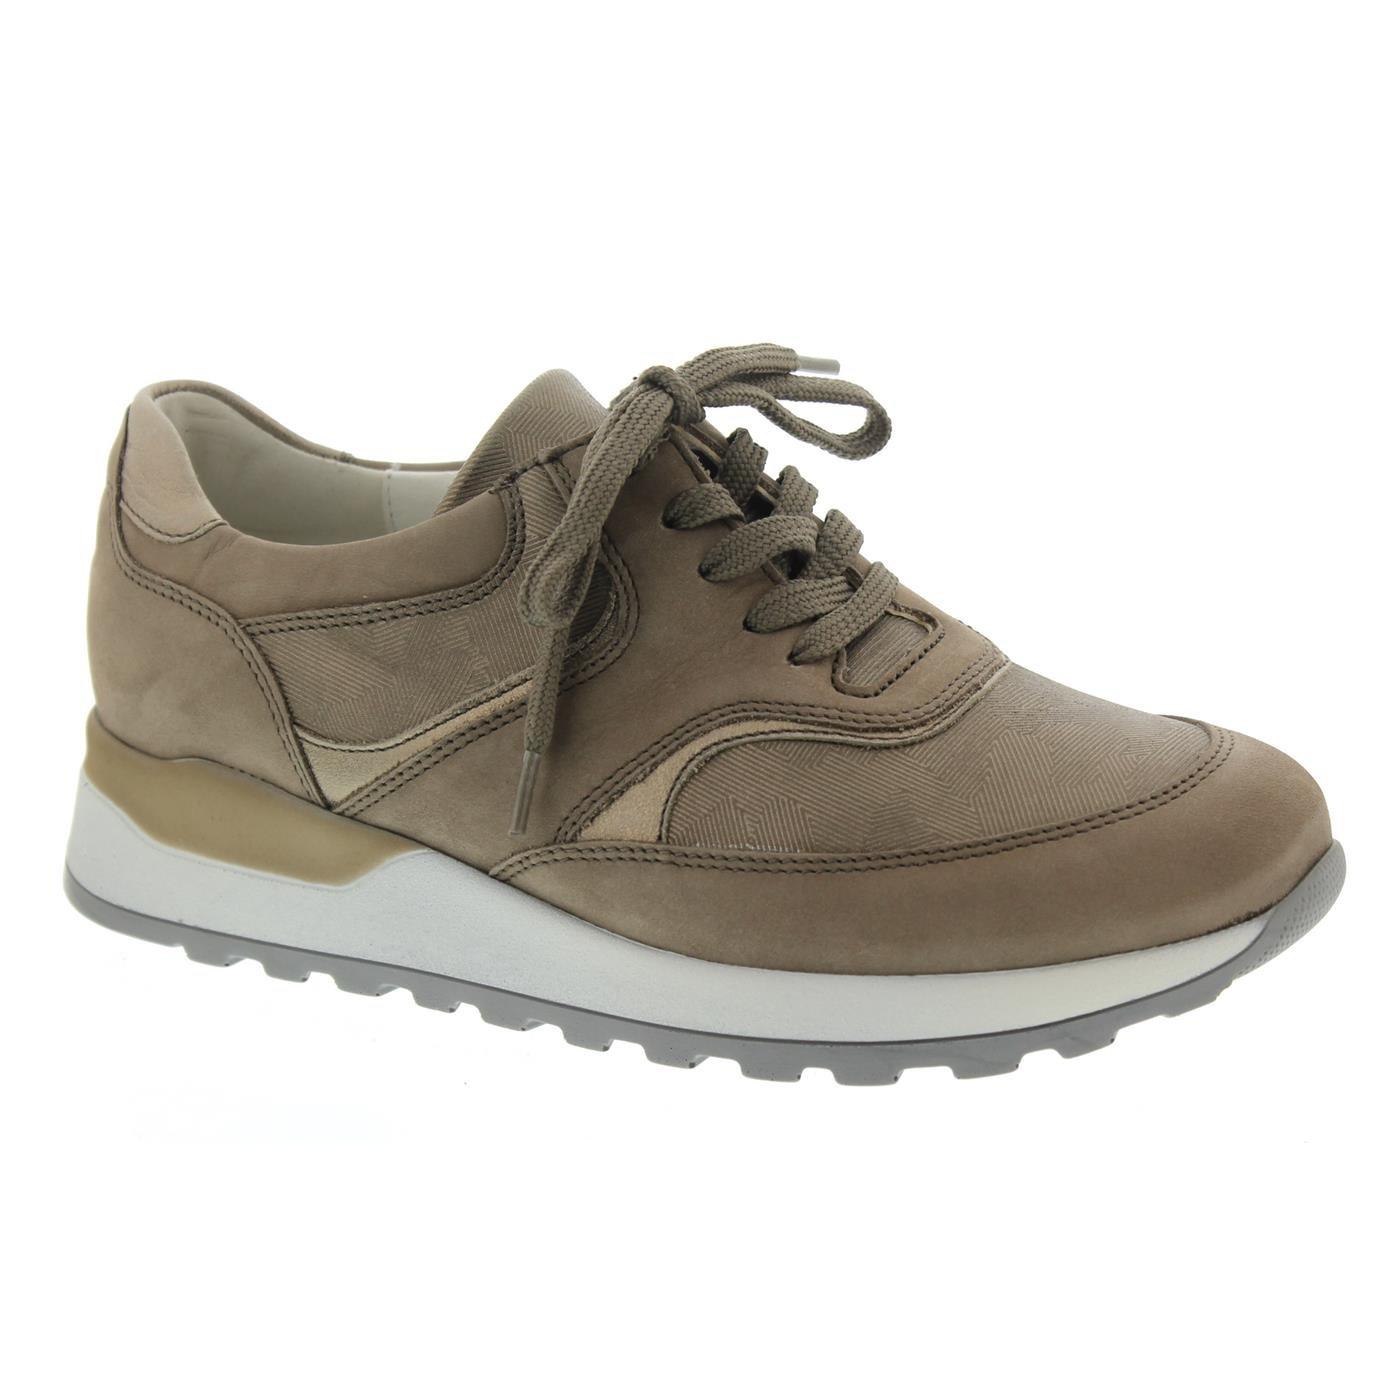 Waldläufer 19217 hiroko, Chaussures de Ville à Lacets Pour Femme à de Beige 712ff07 - shopssong.space